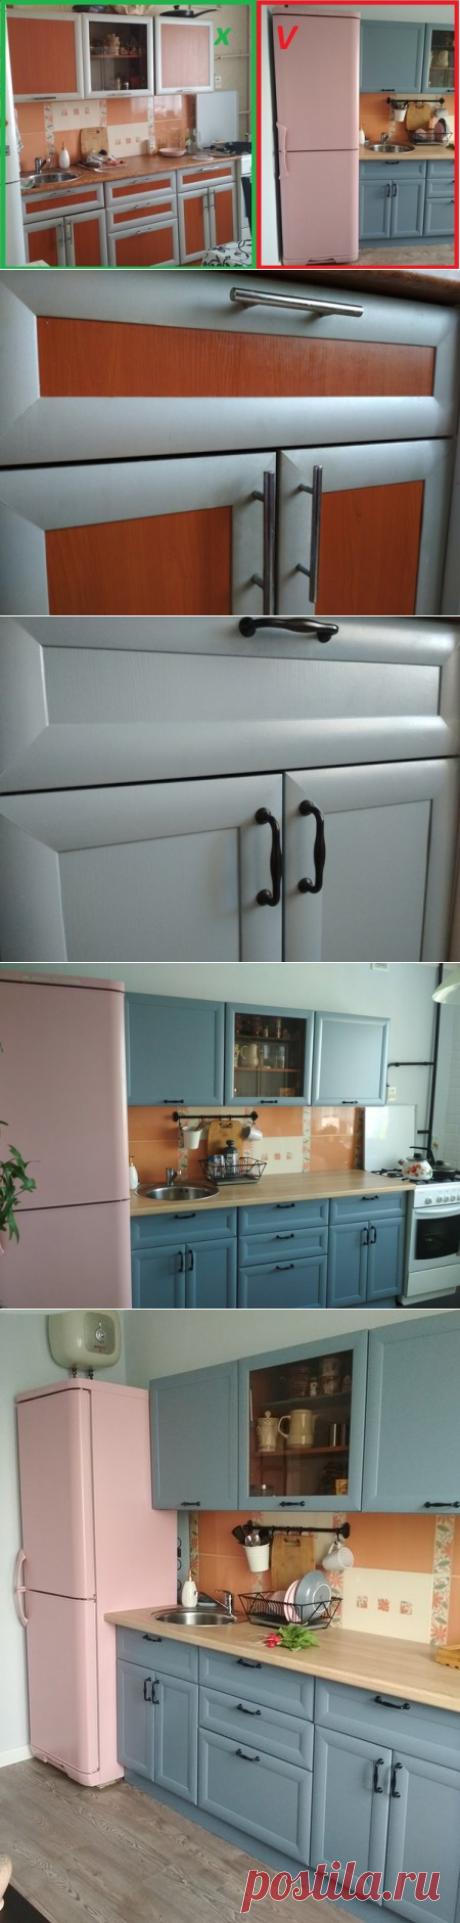 Как и чем перекрасить свою старую надоевшую ламинированную кухню, чтобы краска не слезла! Фото до и после! | Какую кухню купить? | Яндекс Дзен